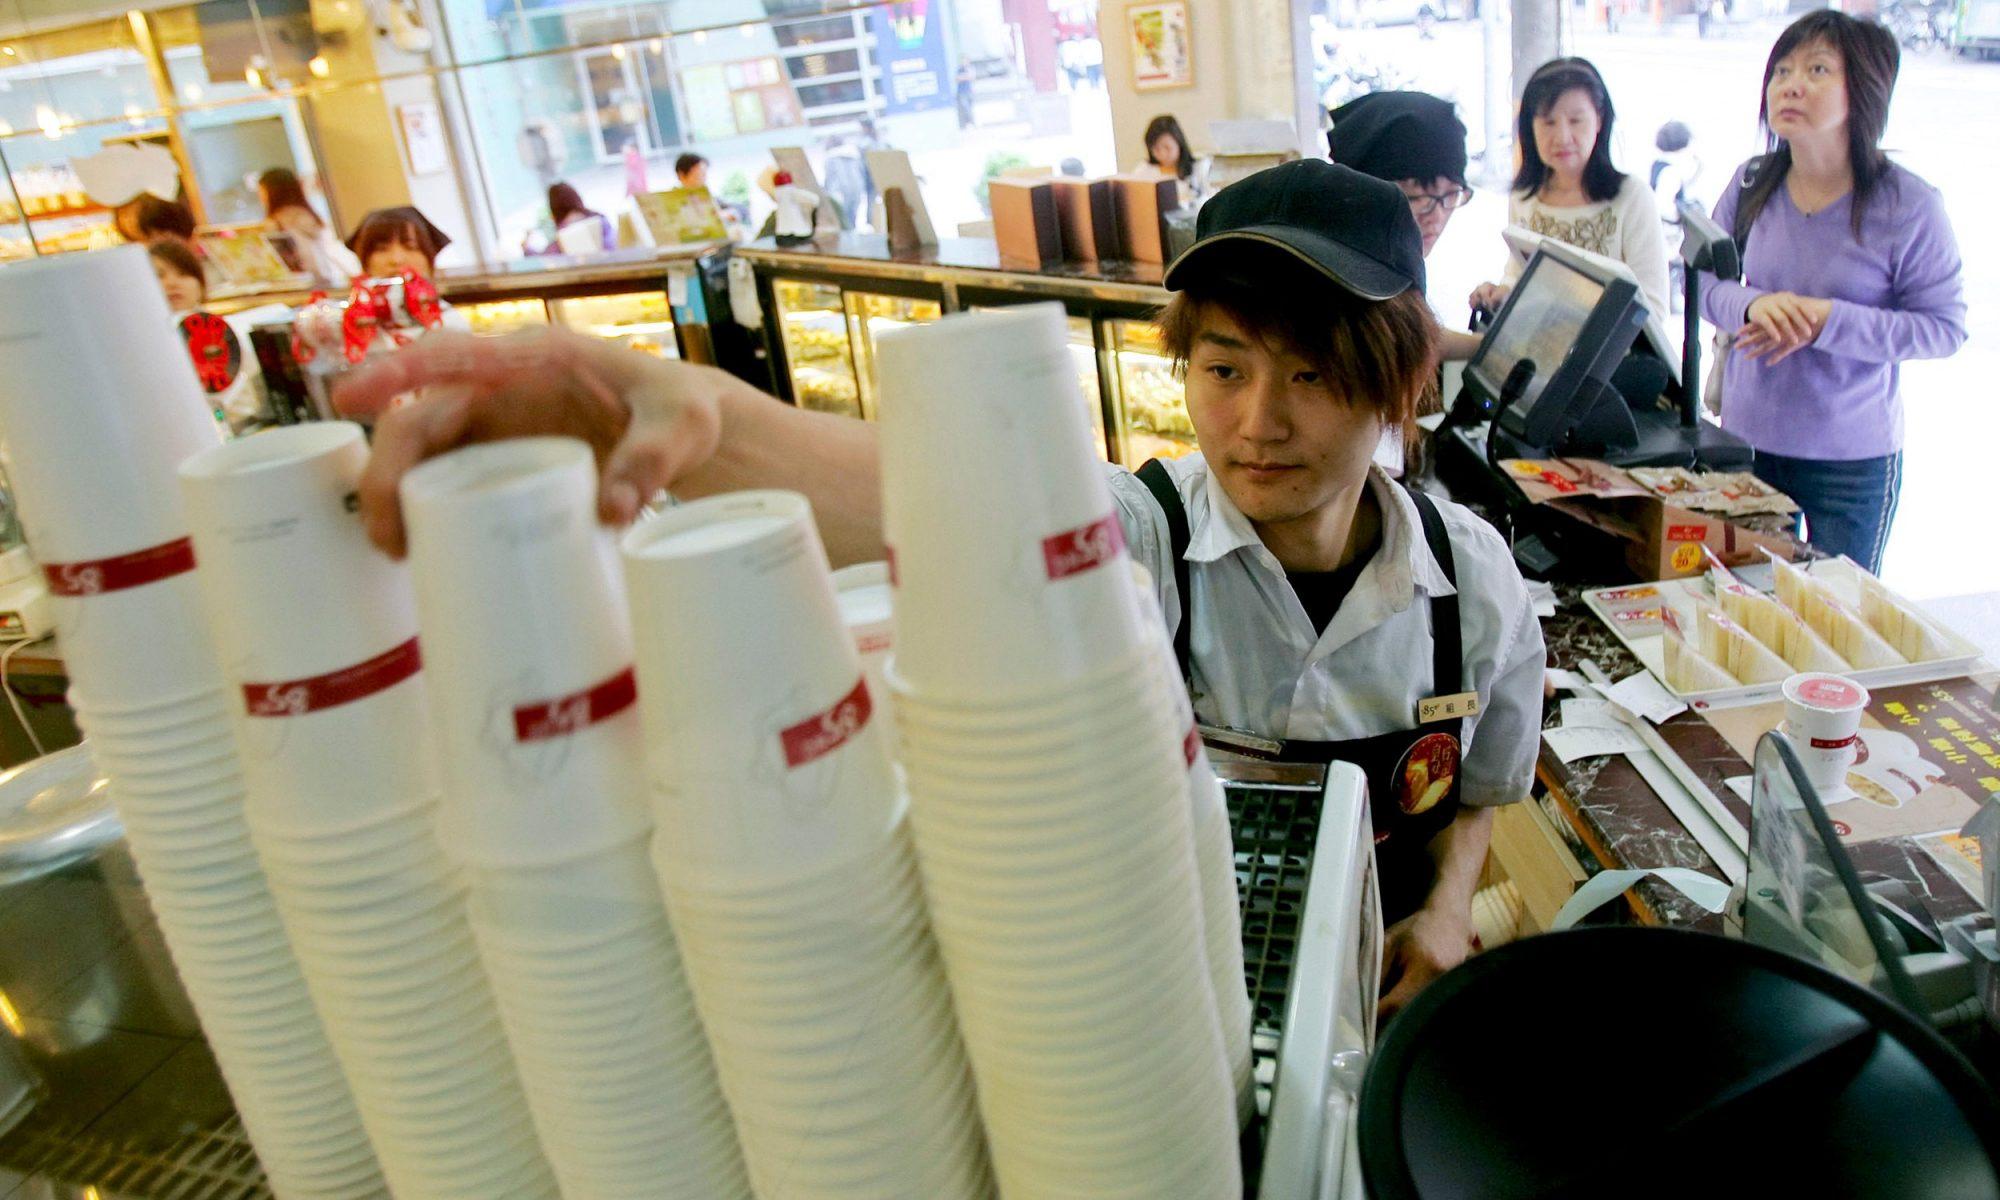 85C cafe